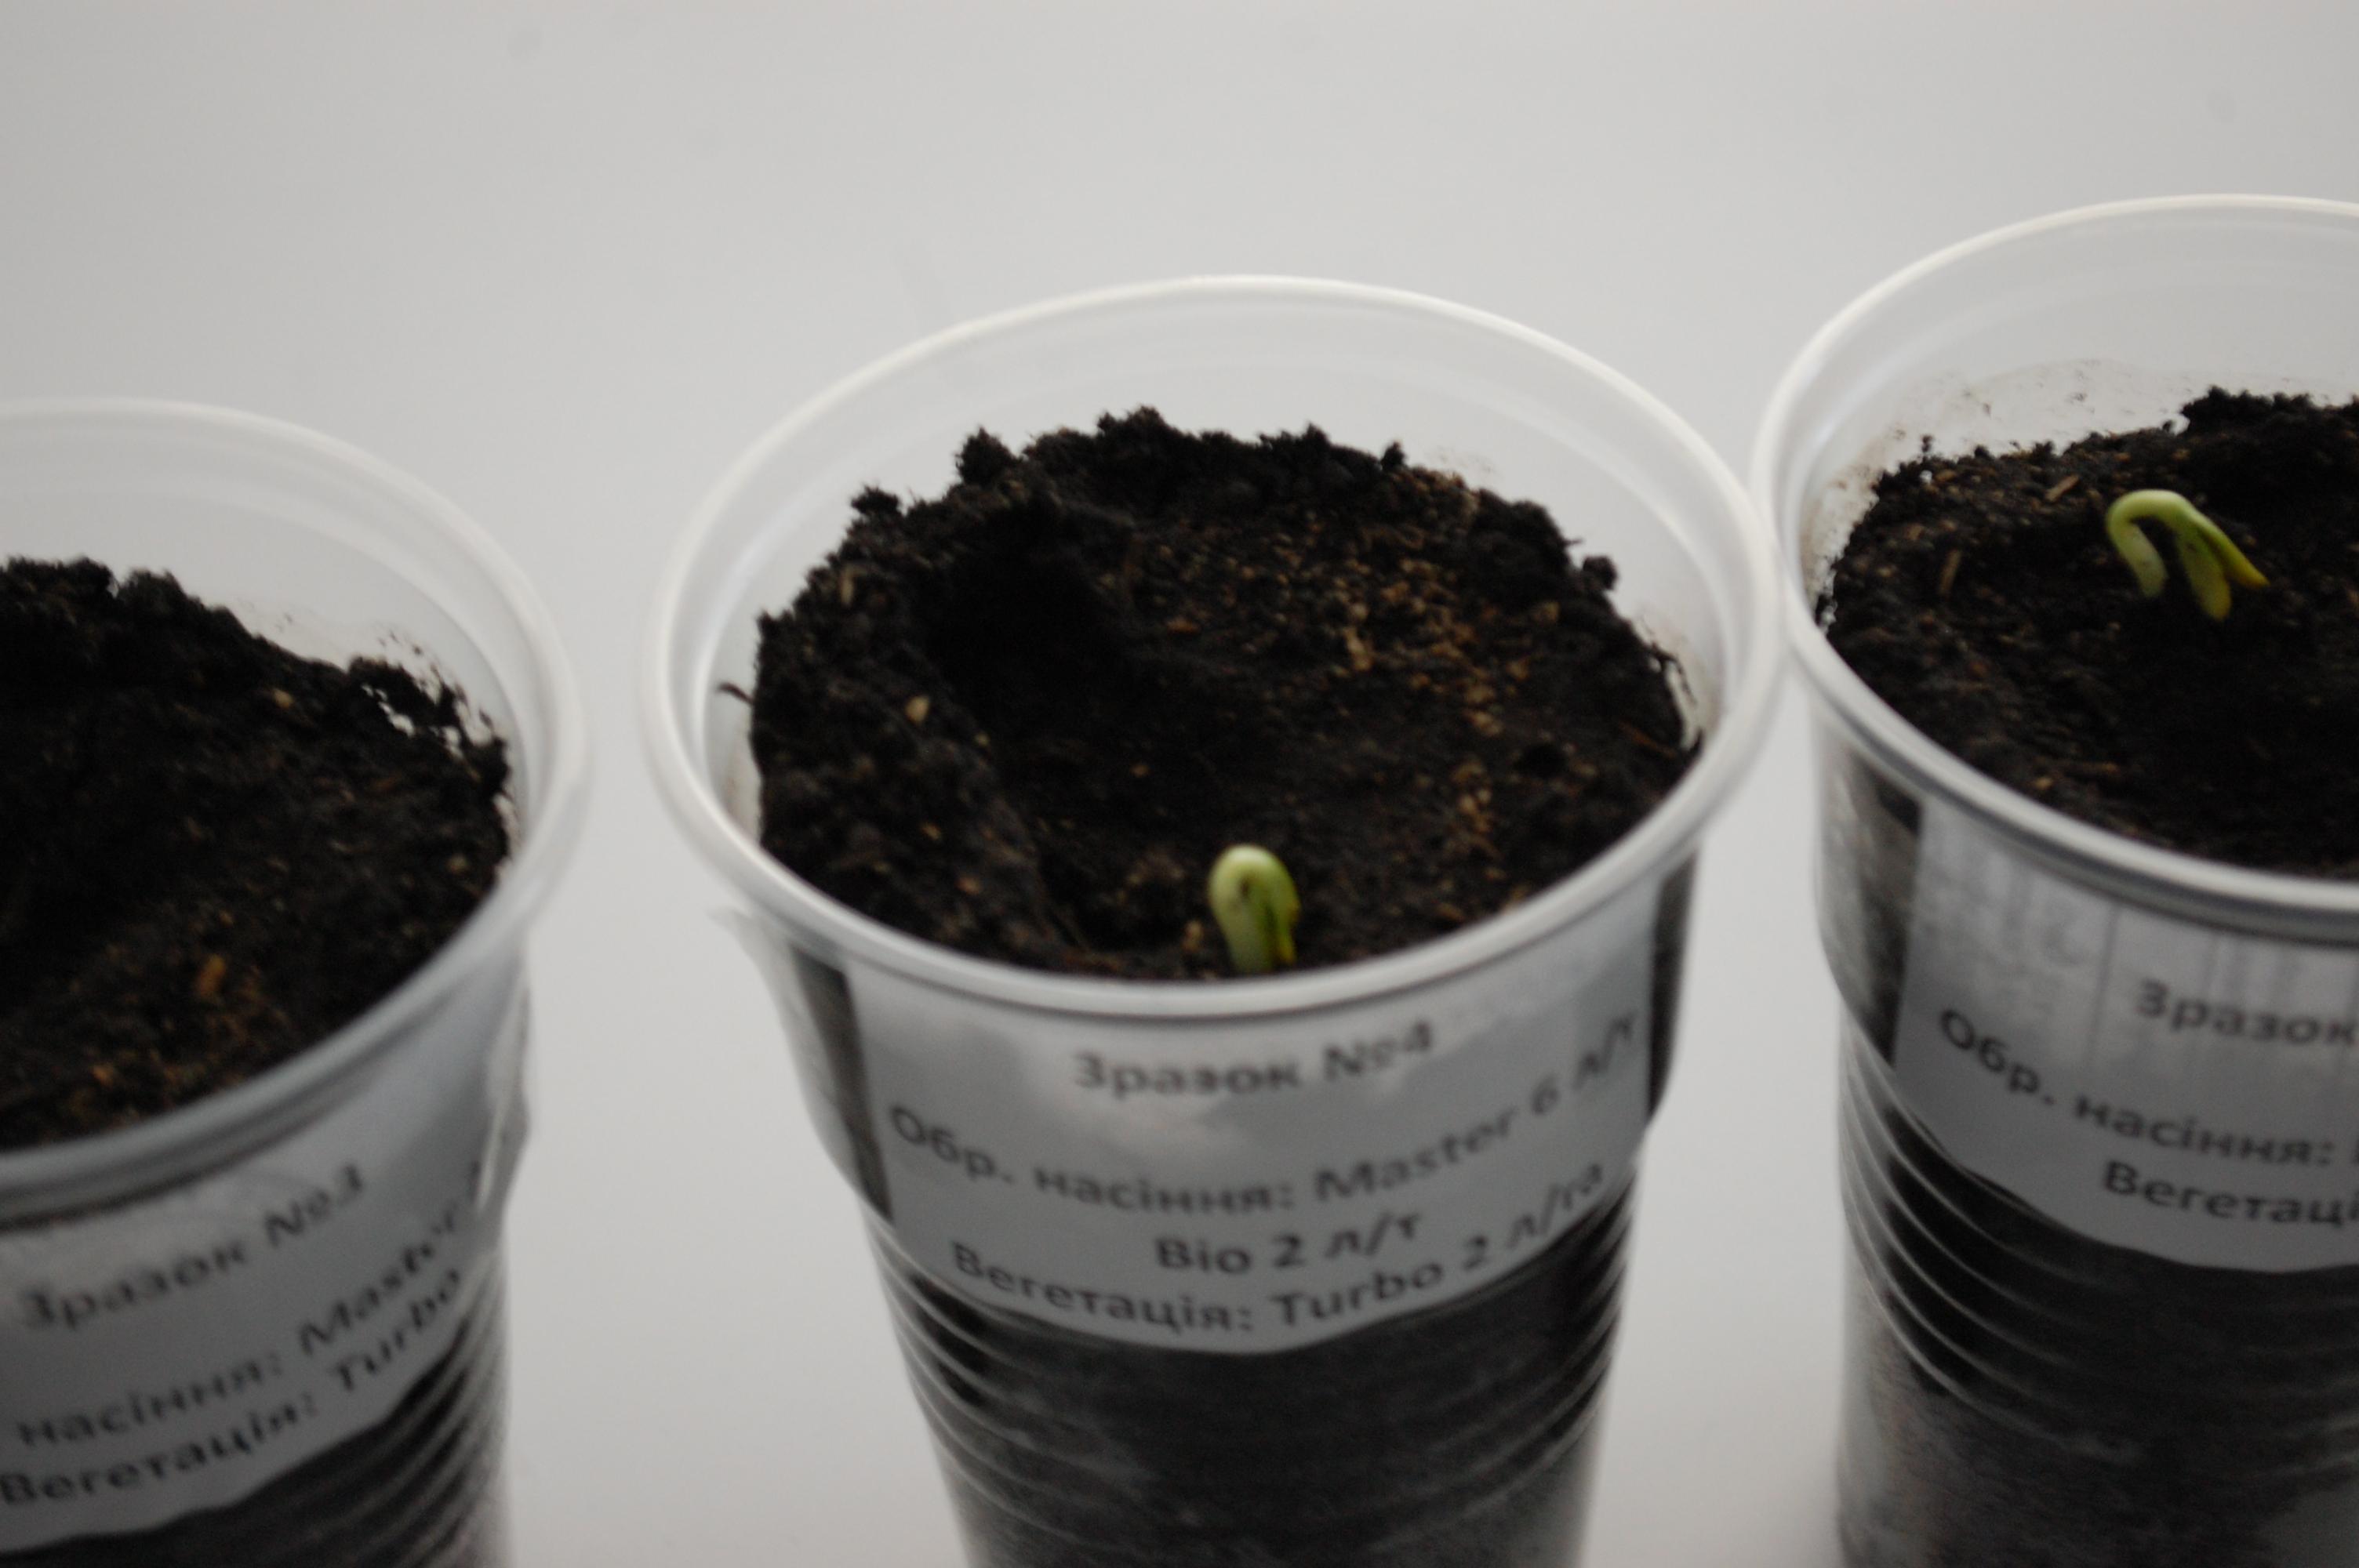 Когда сажать подсолнух в открытый грунт. Как сажать подсолнух семенами 55